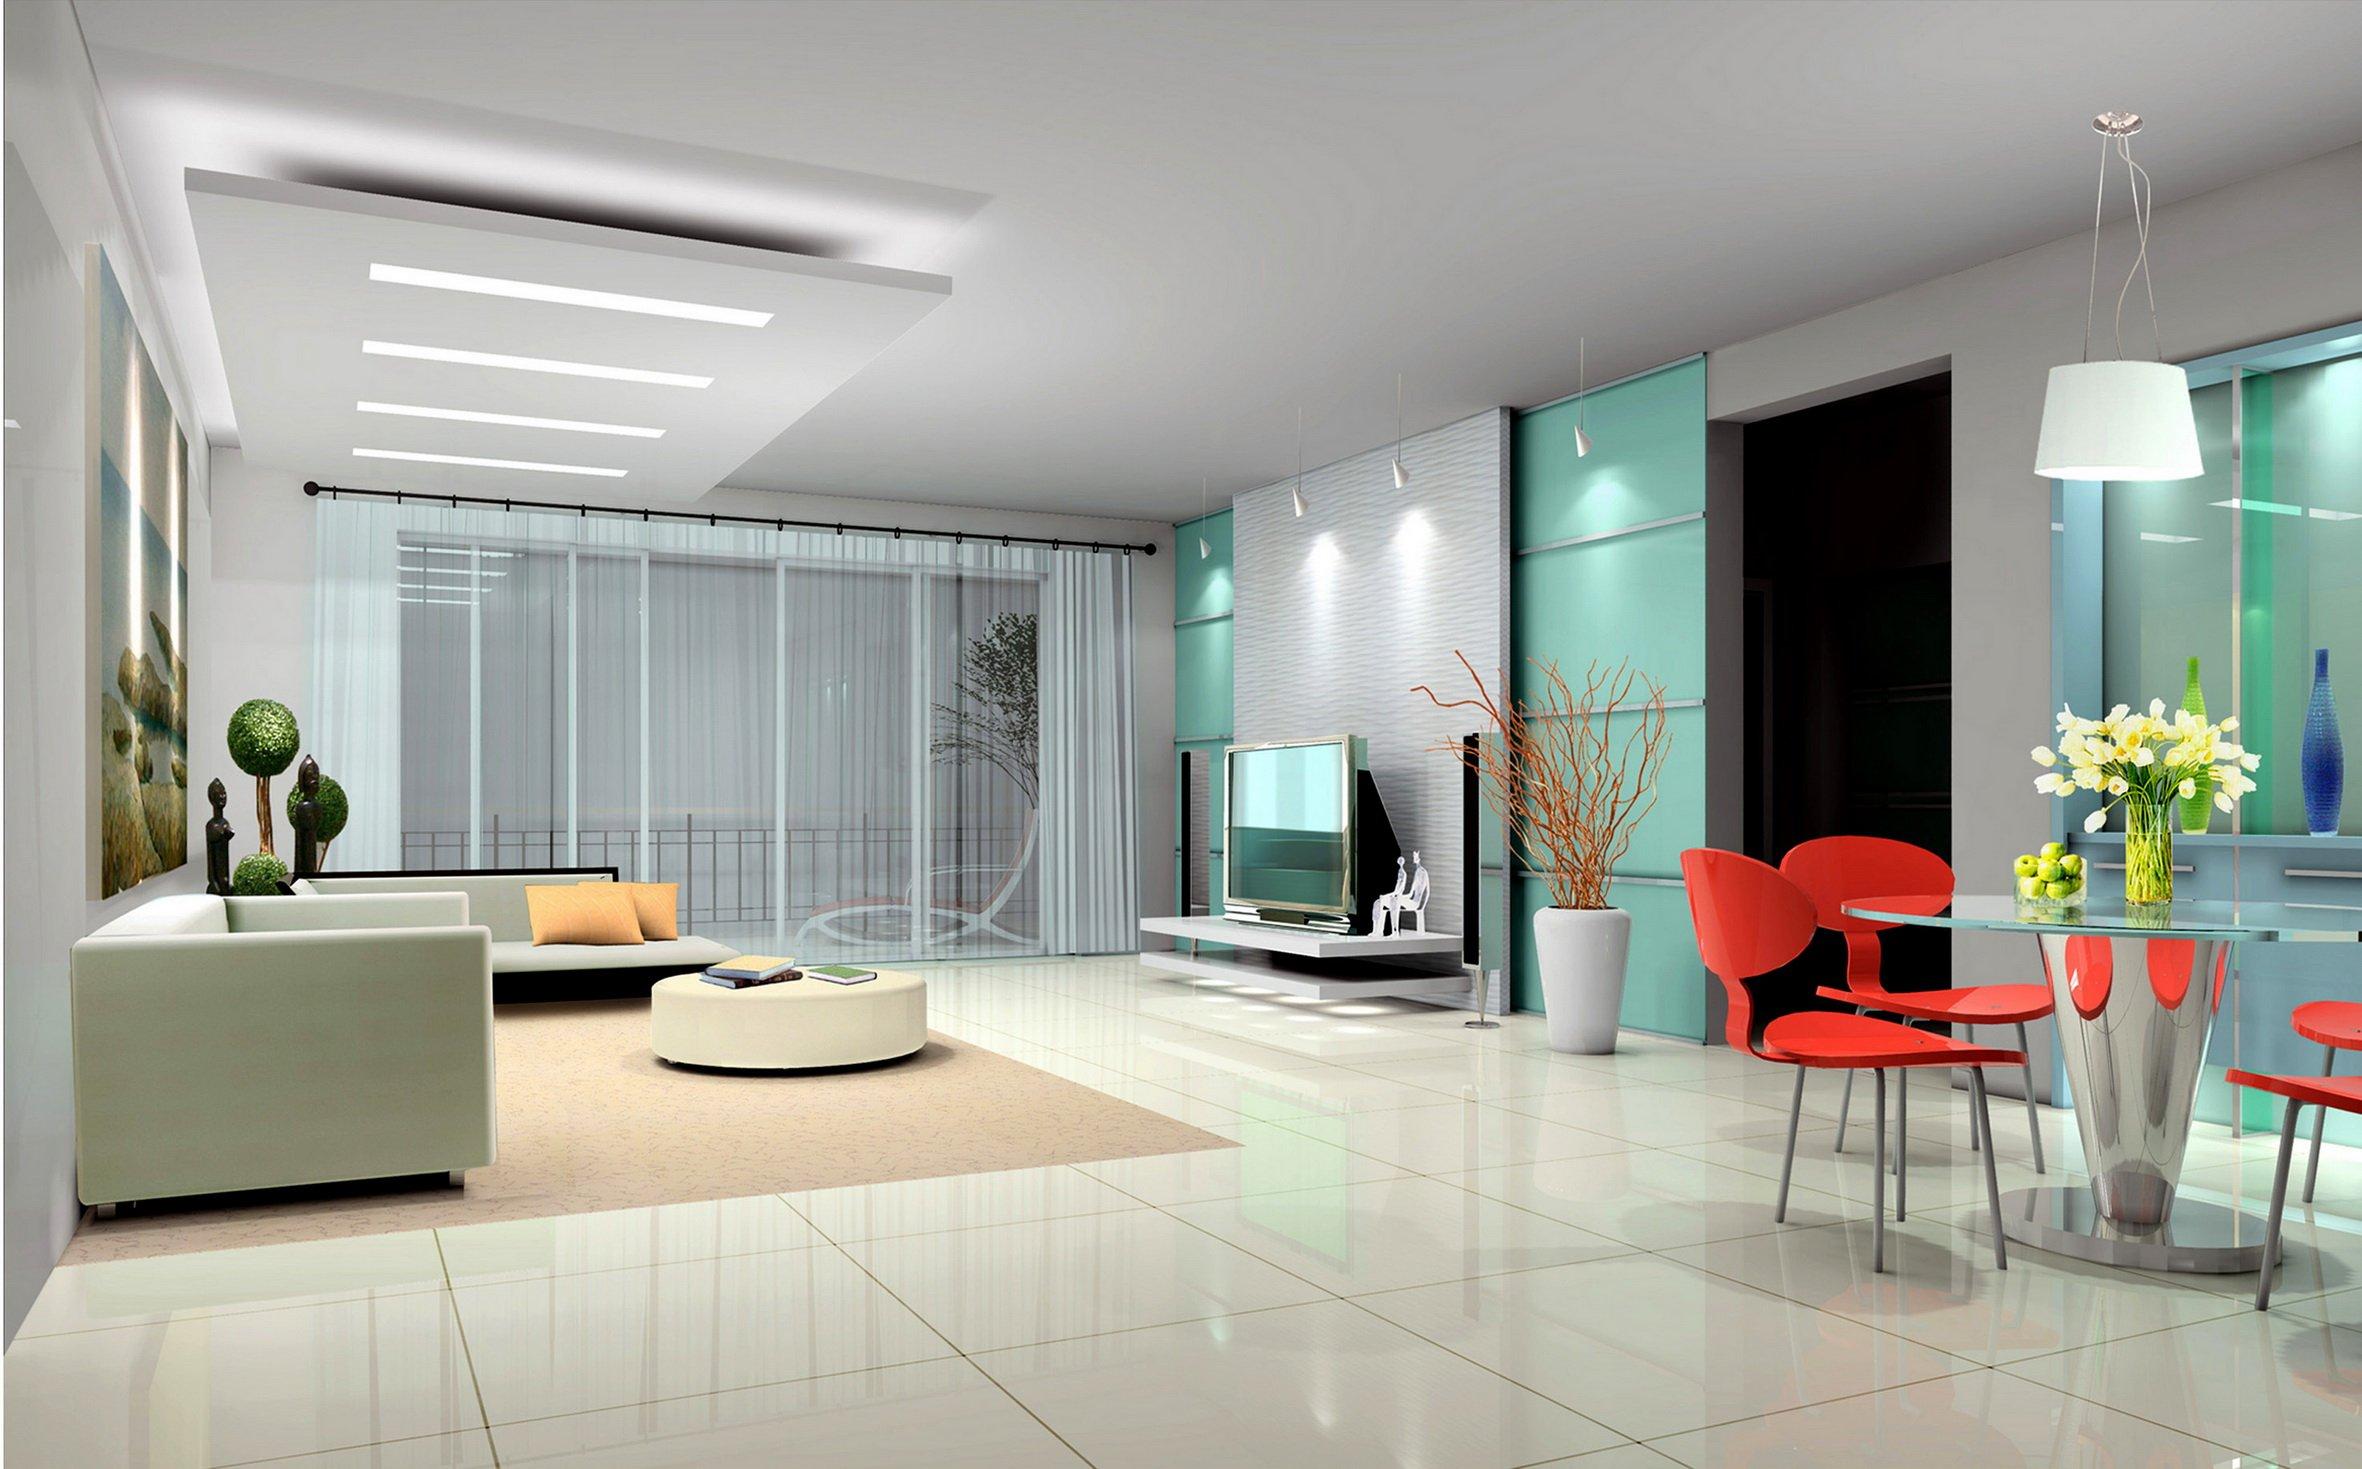 Ánh sáng trong phong cách thiết kế nội thất đương đại